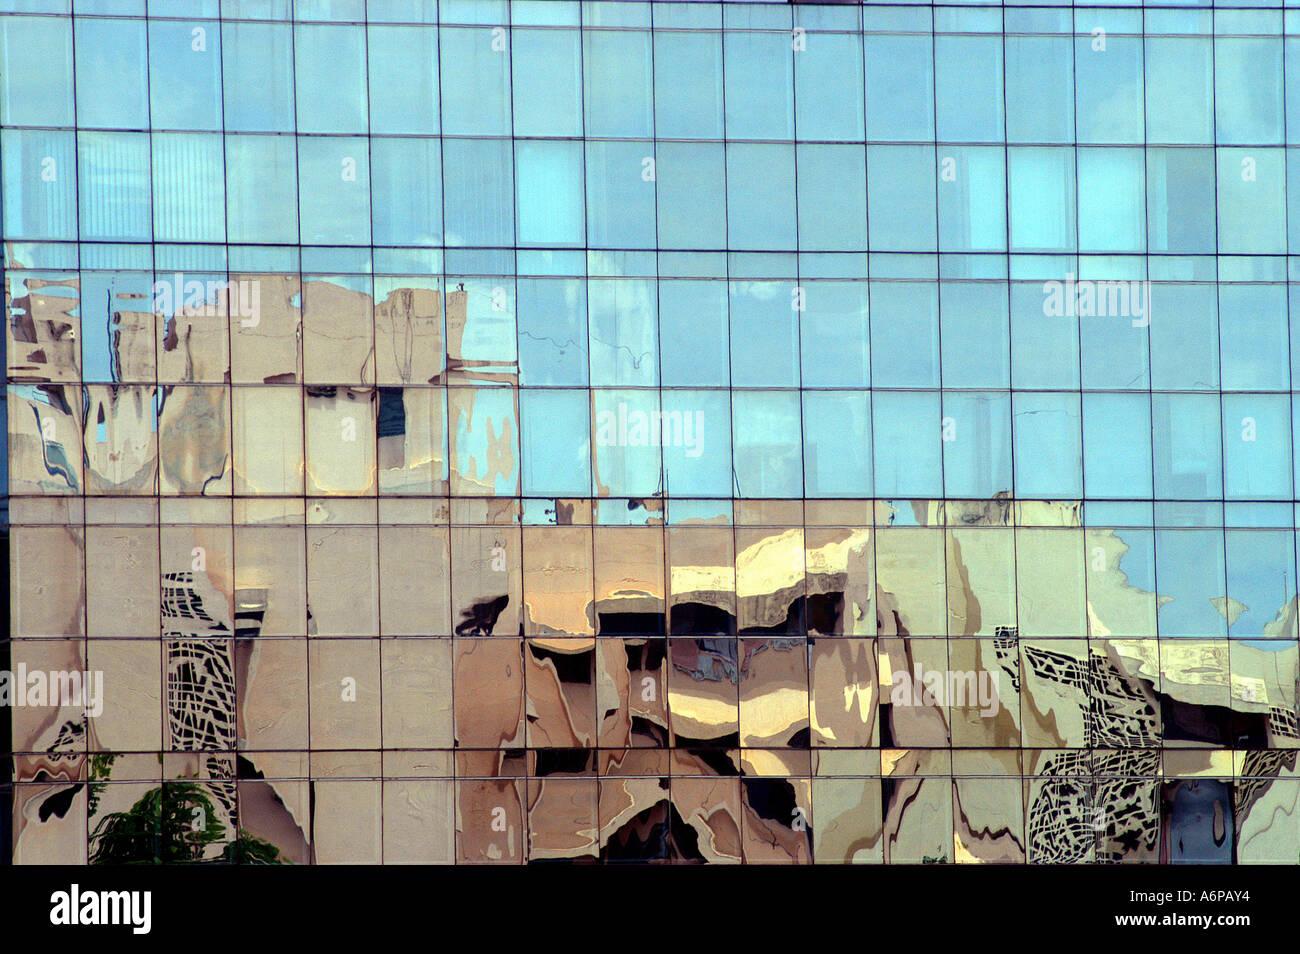 Reflexion des Gebäudes auf modernen Glasbau in Bangalore City Karnataka Indien Stockbild